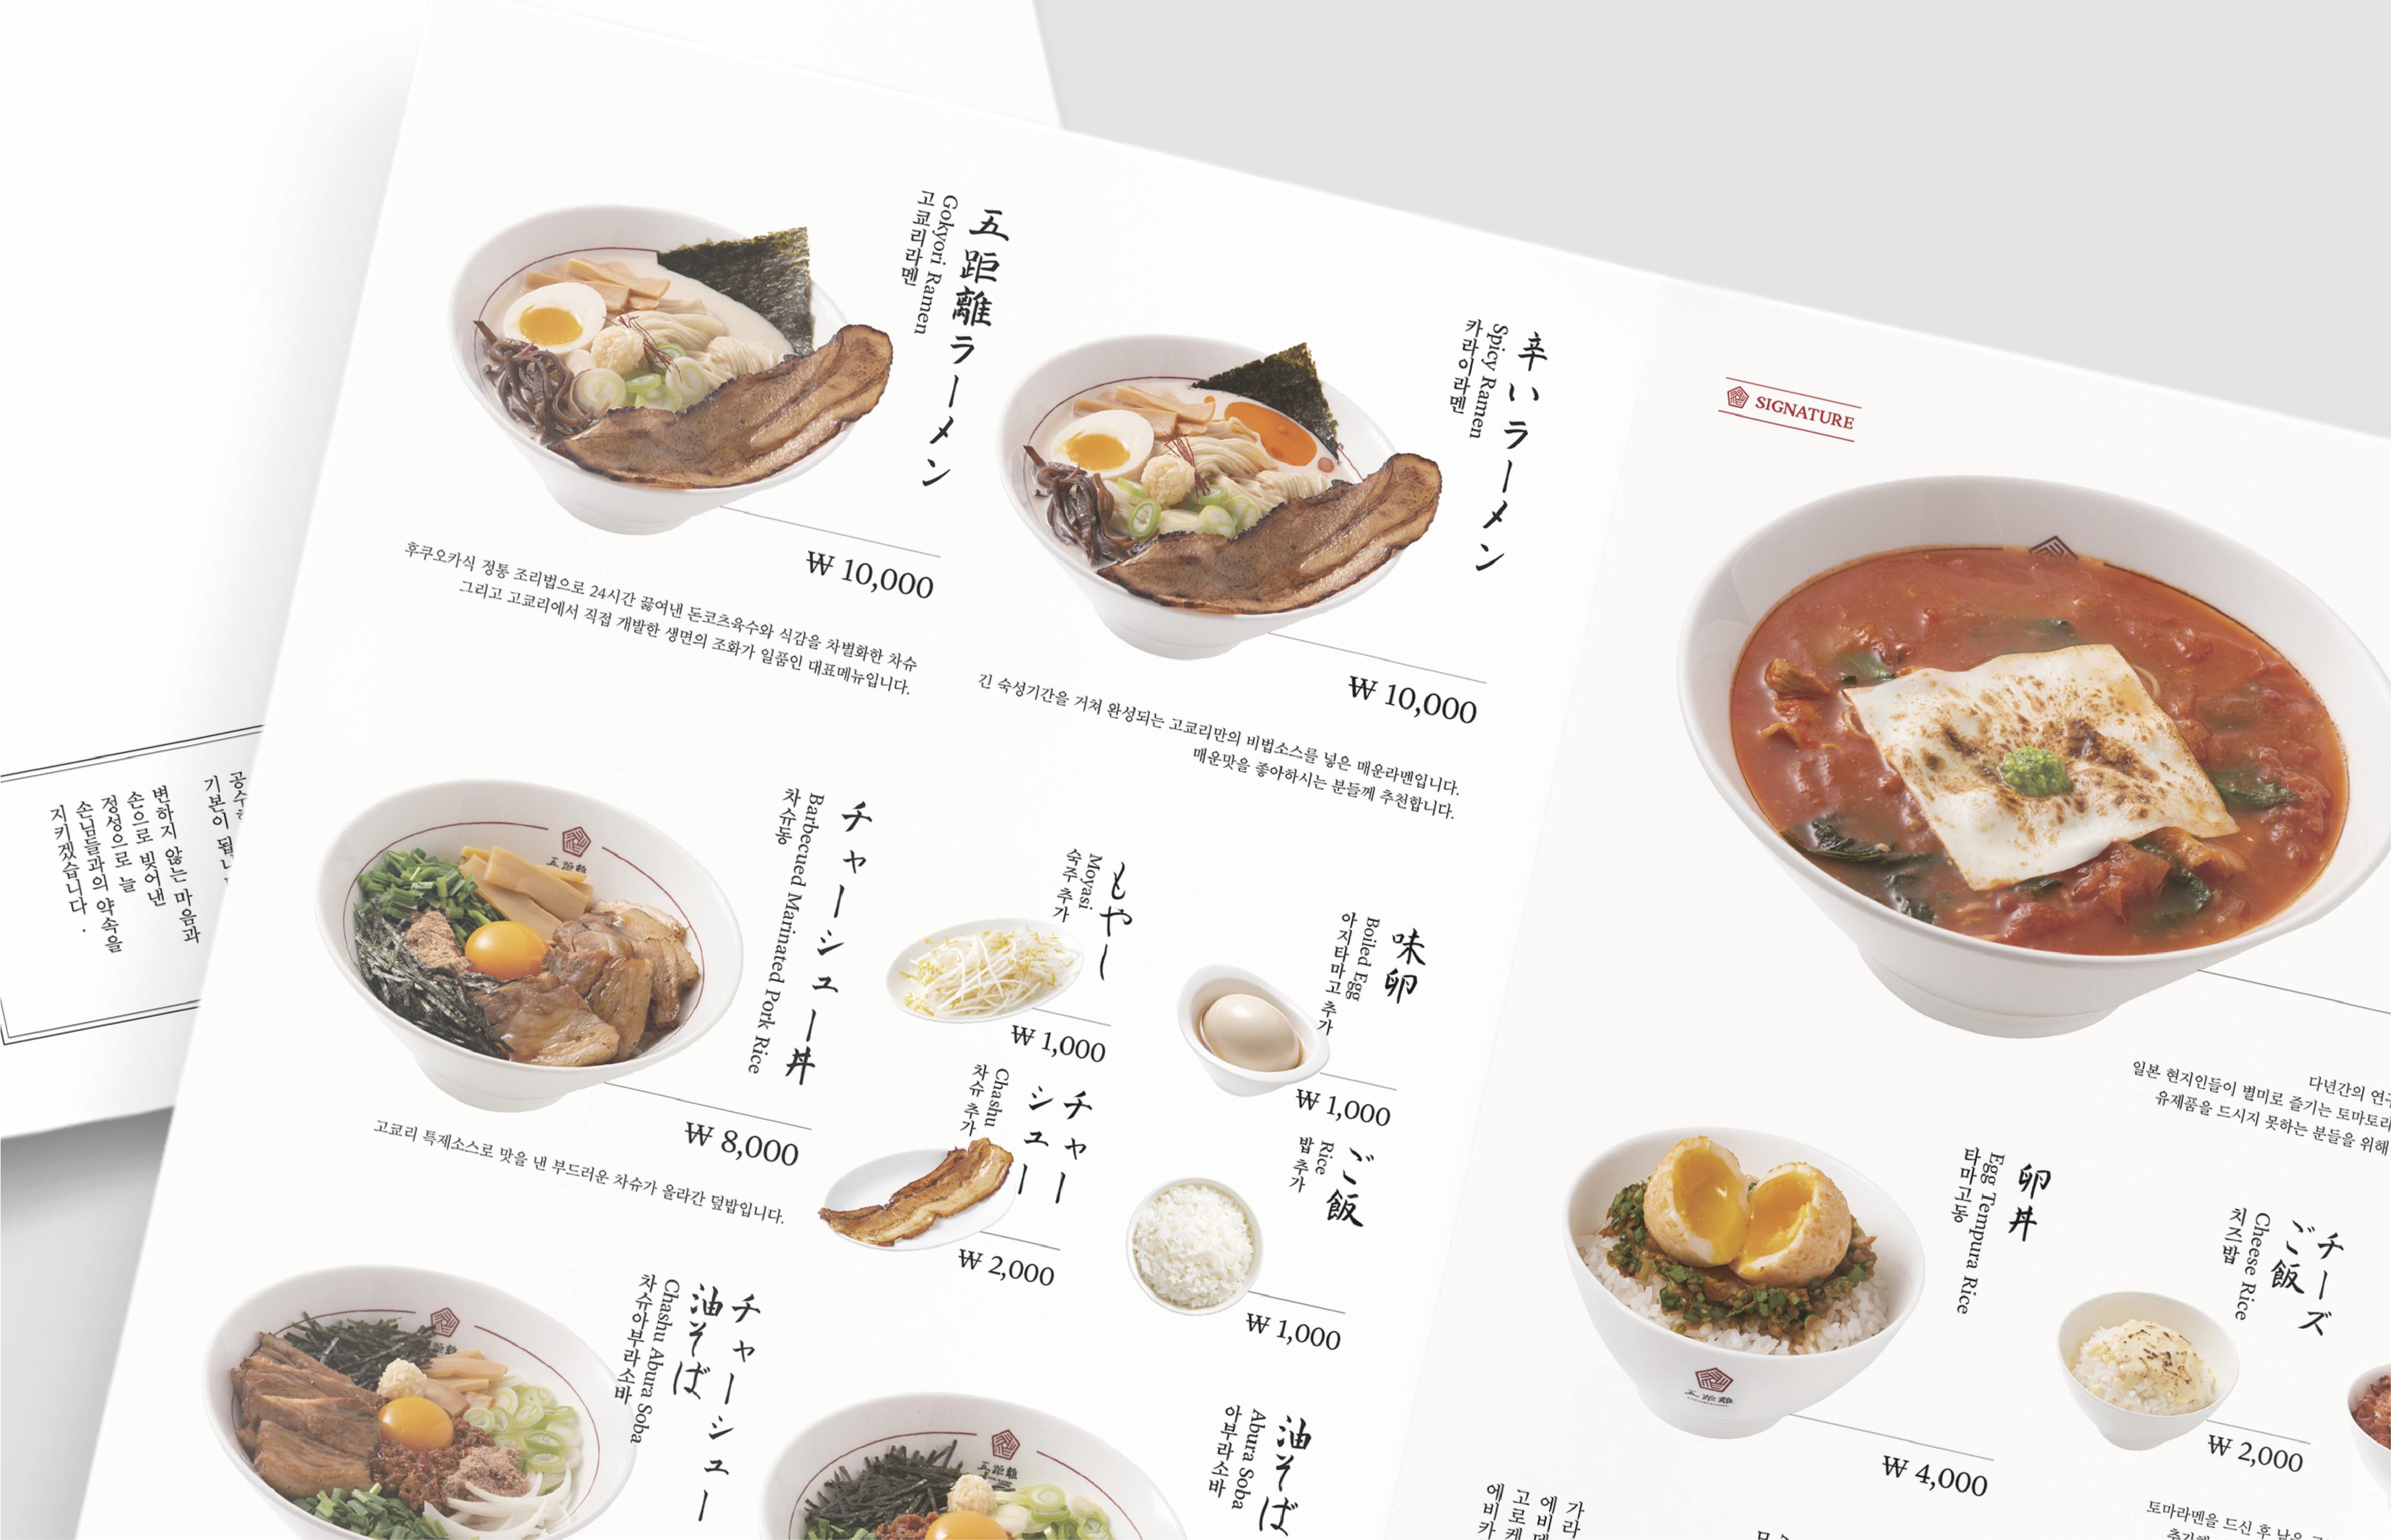 Ramen Menu Design 음식 메뉴 디자인 음식 음식 메뉴